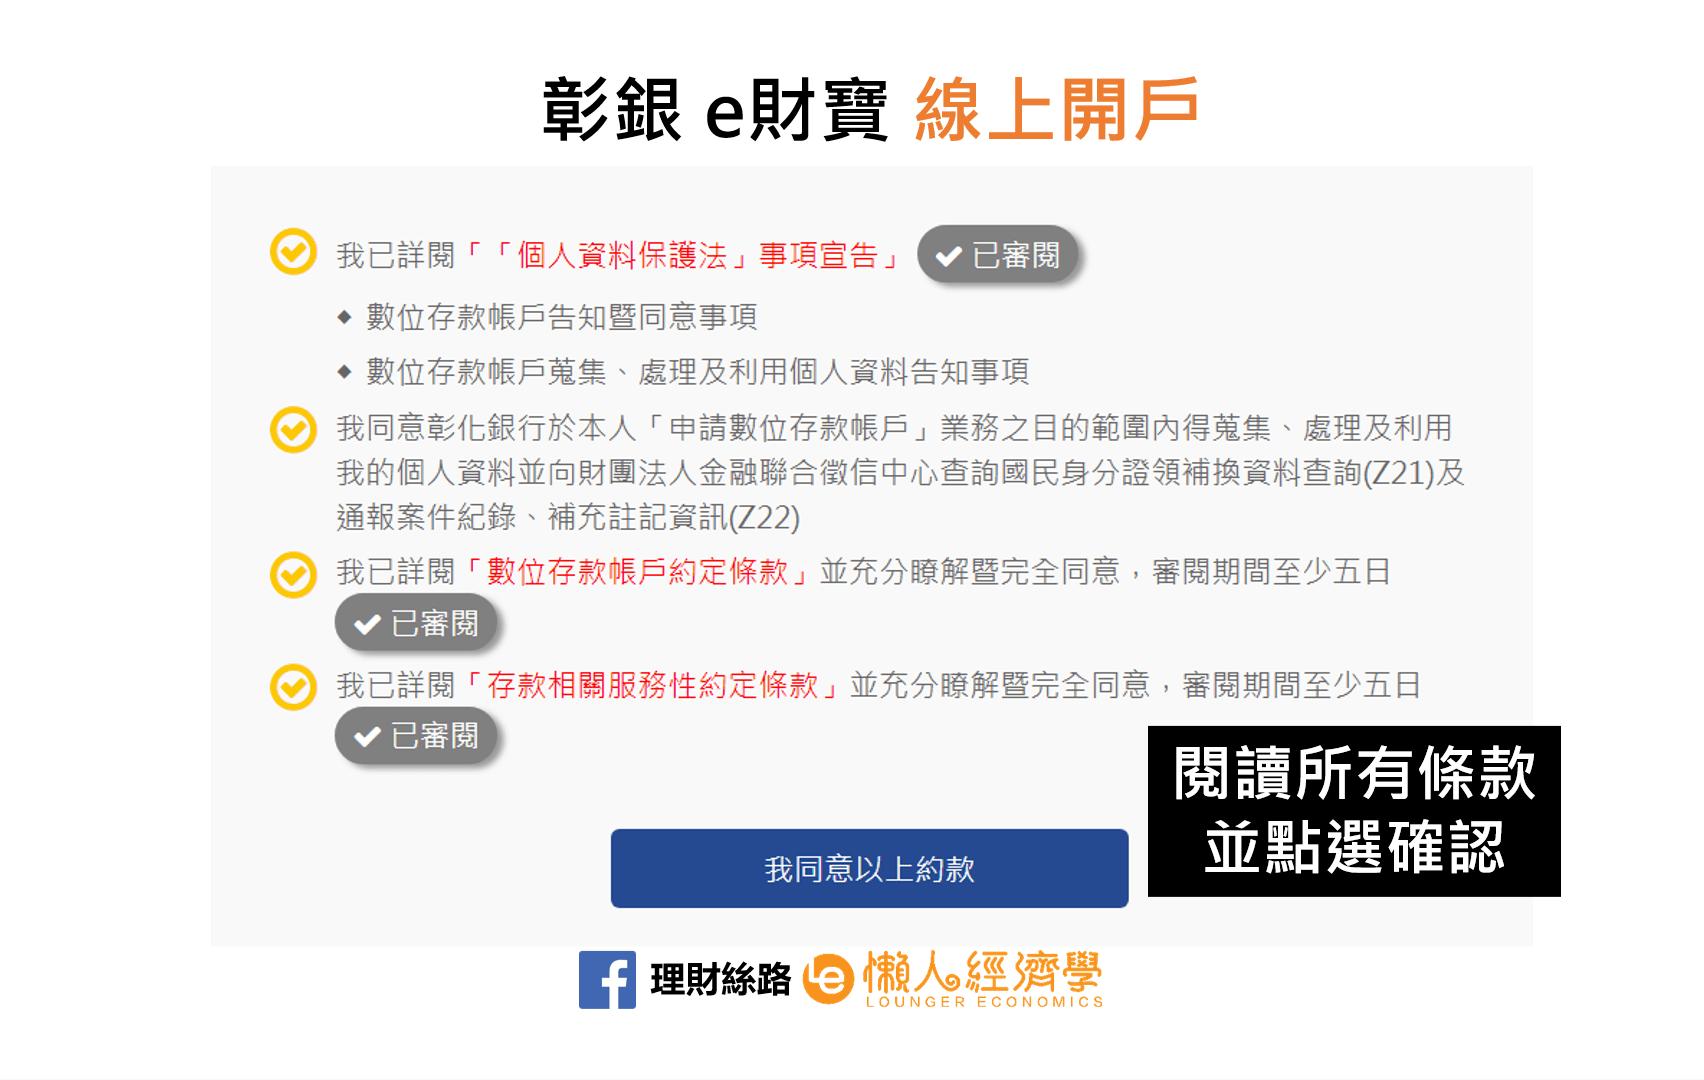 彰銀數位帳戶開戶教學-3